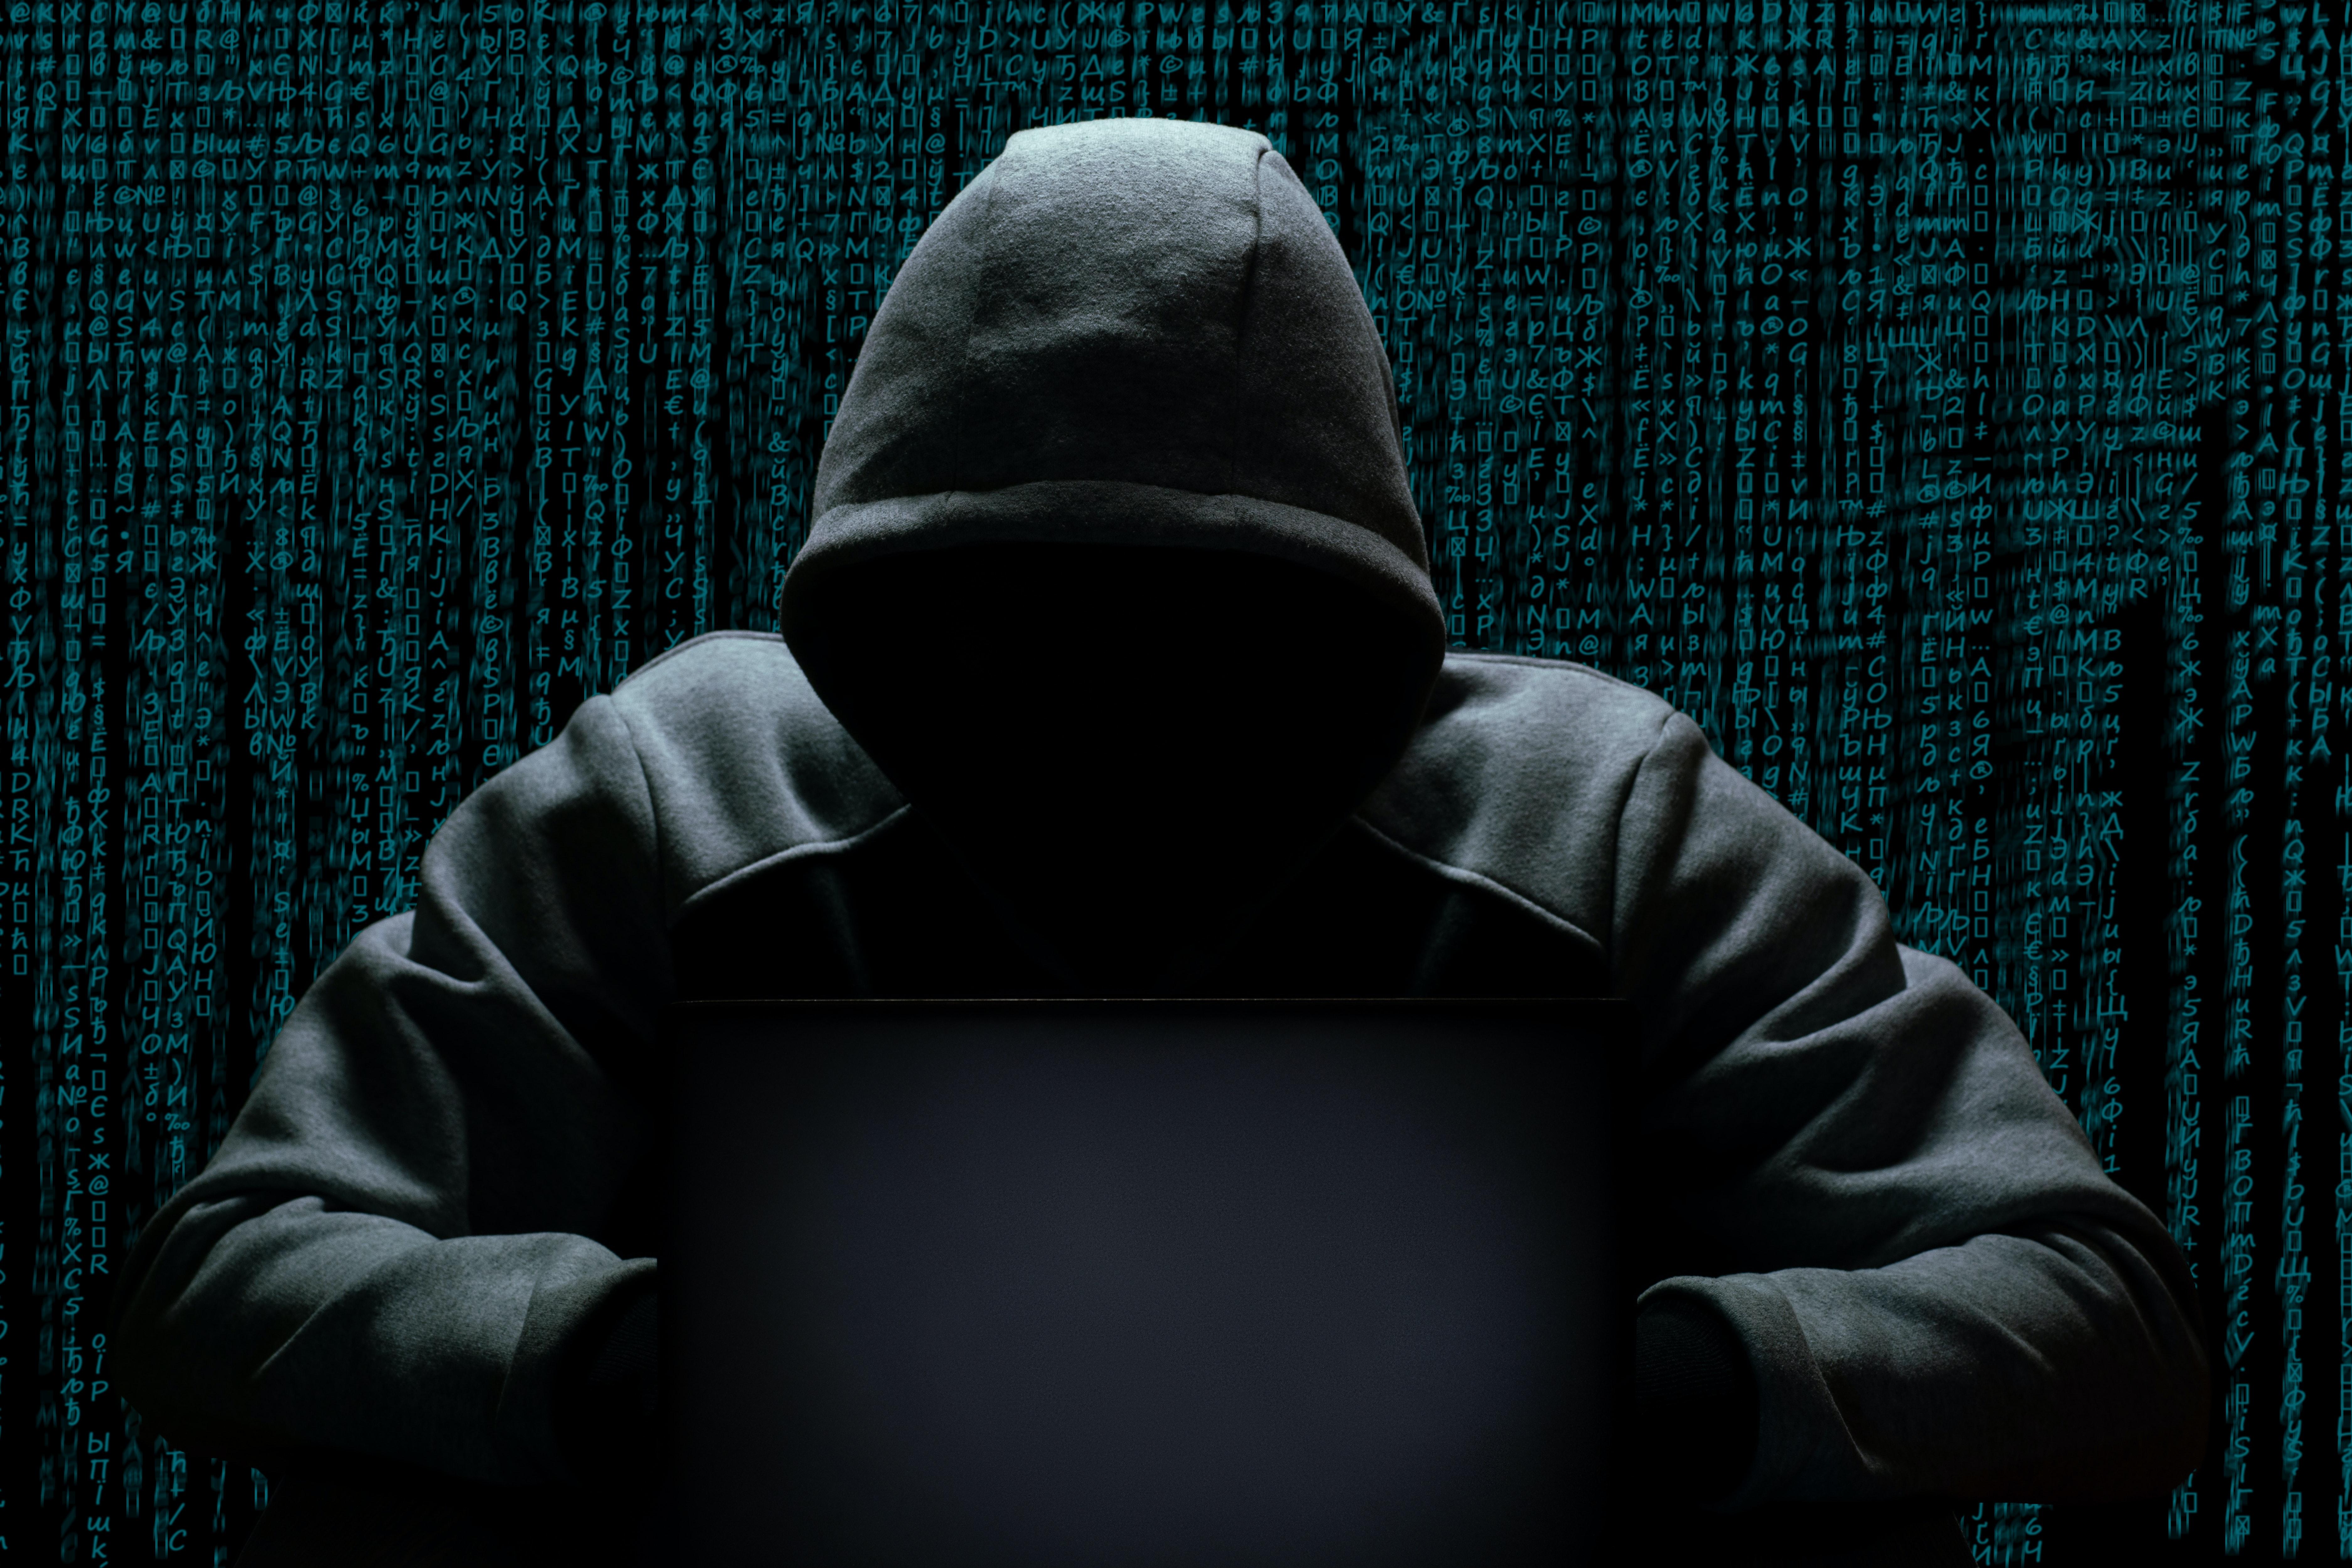 A hooded hacker